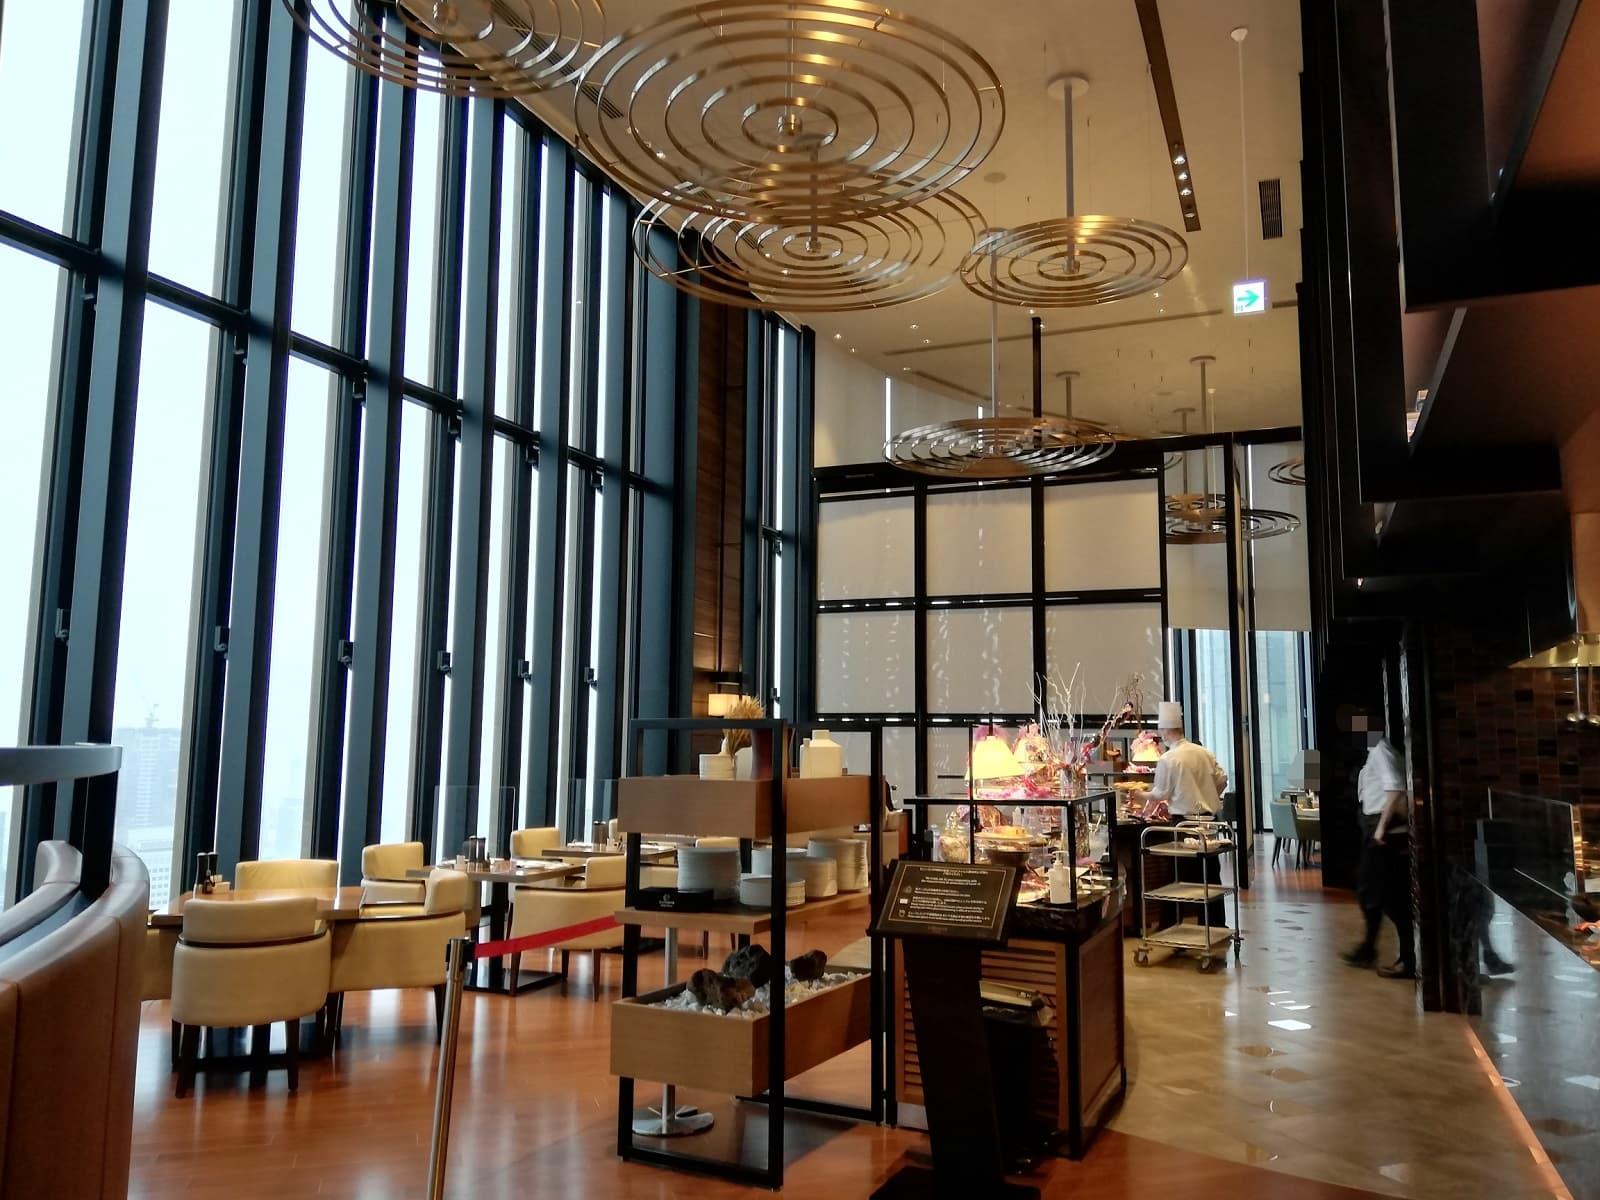 コンラッド大阪のピーチスイーツビュッフェが行われるレストランの雰囲気